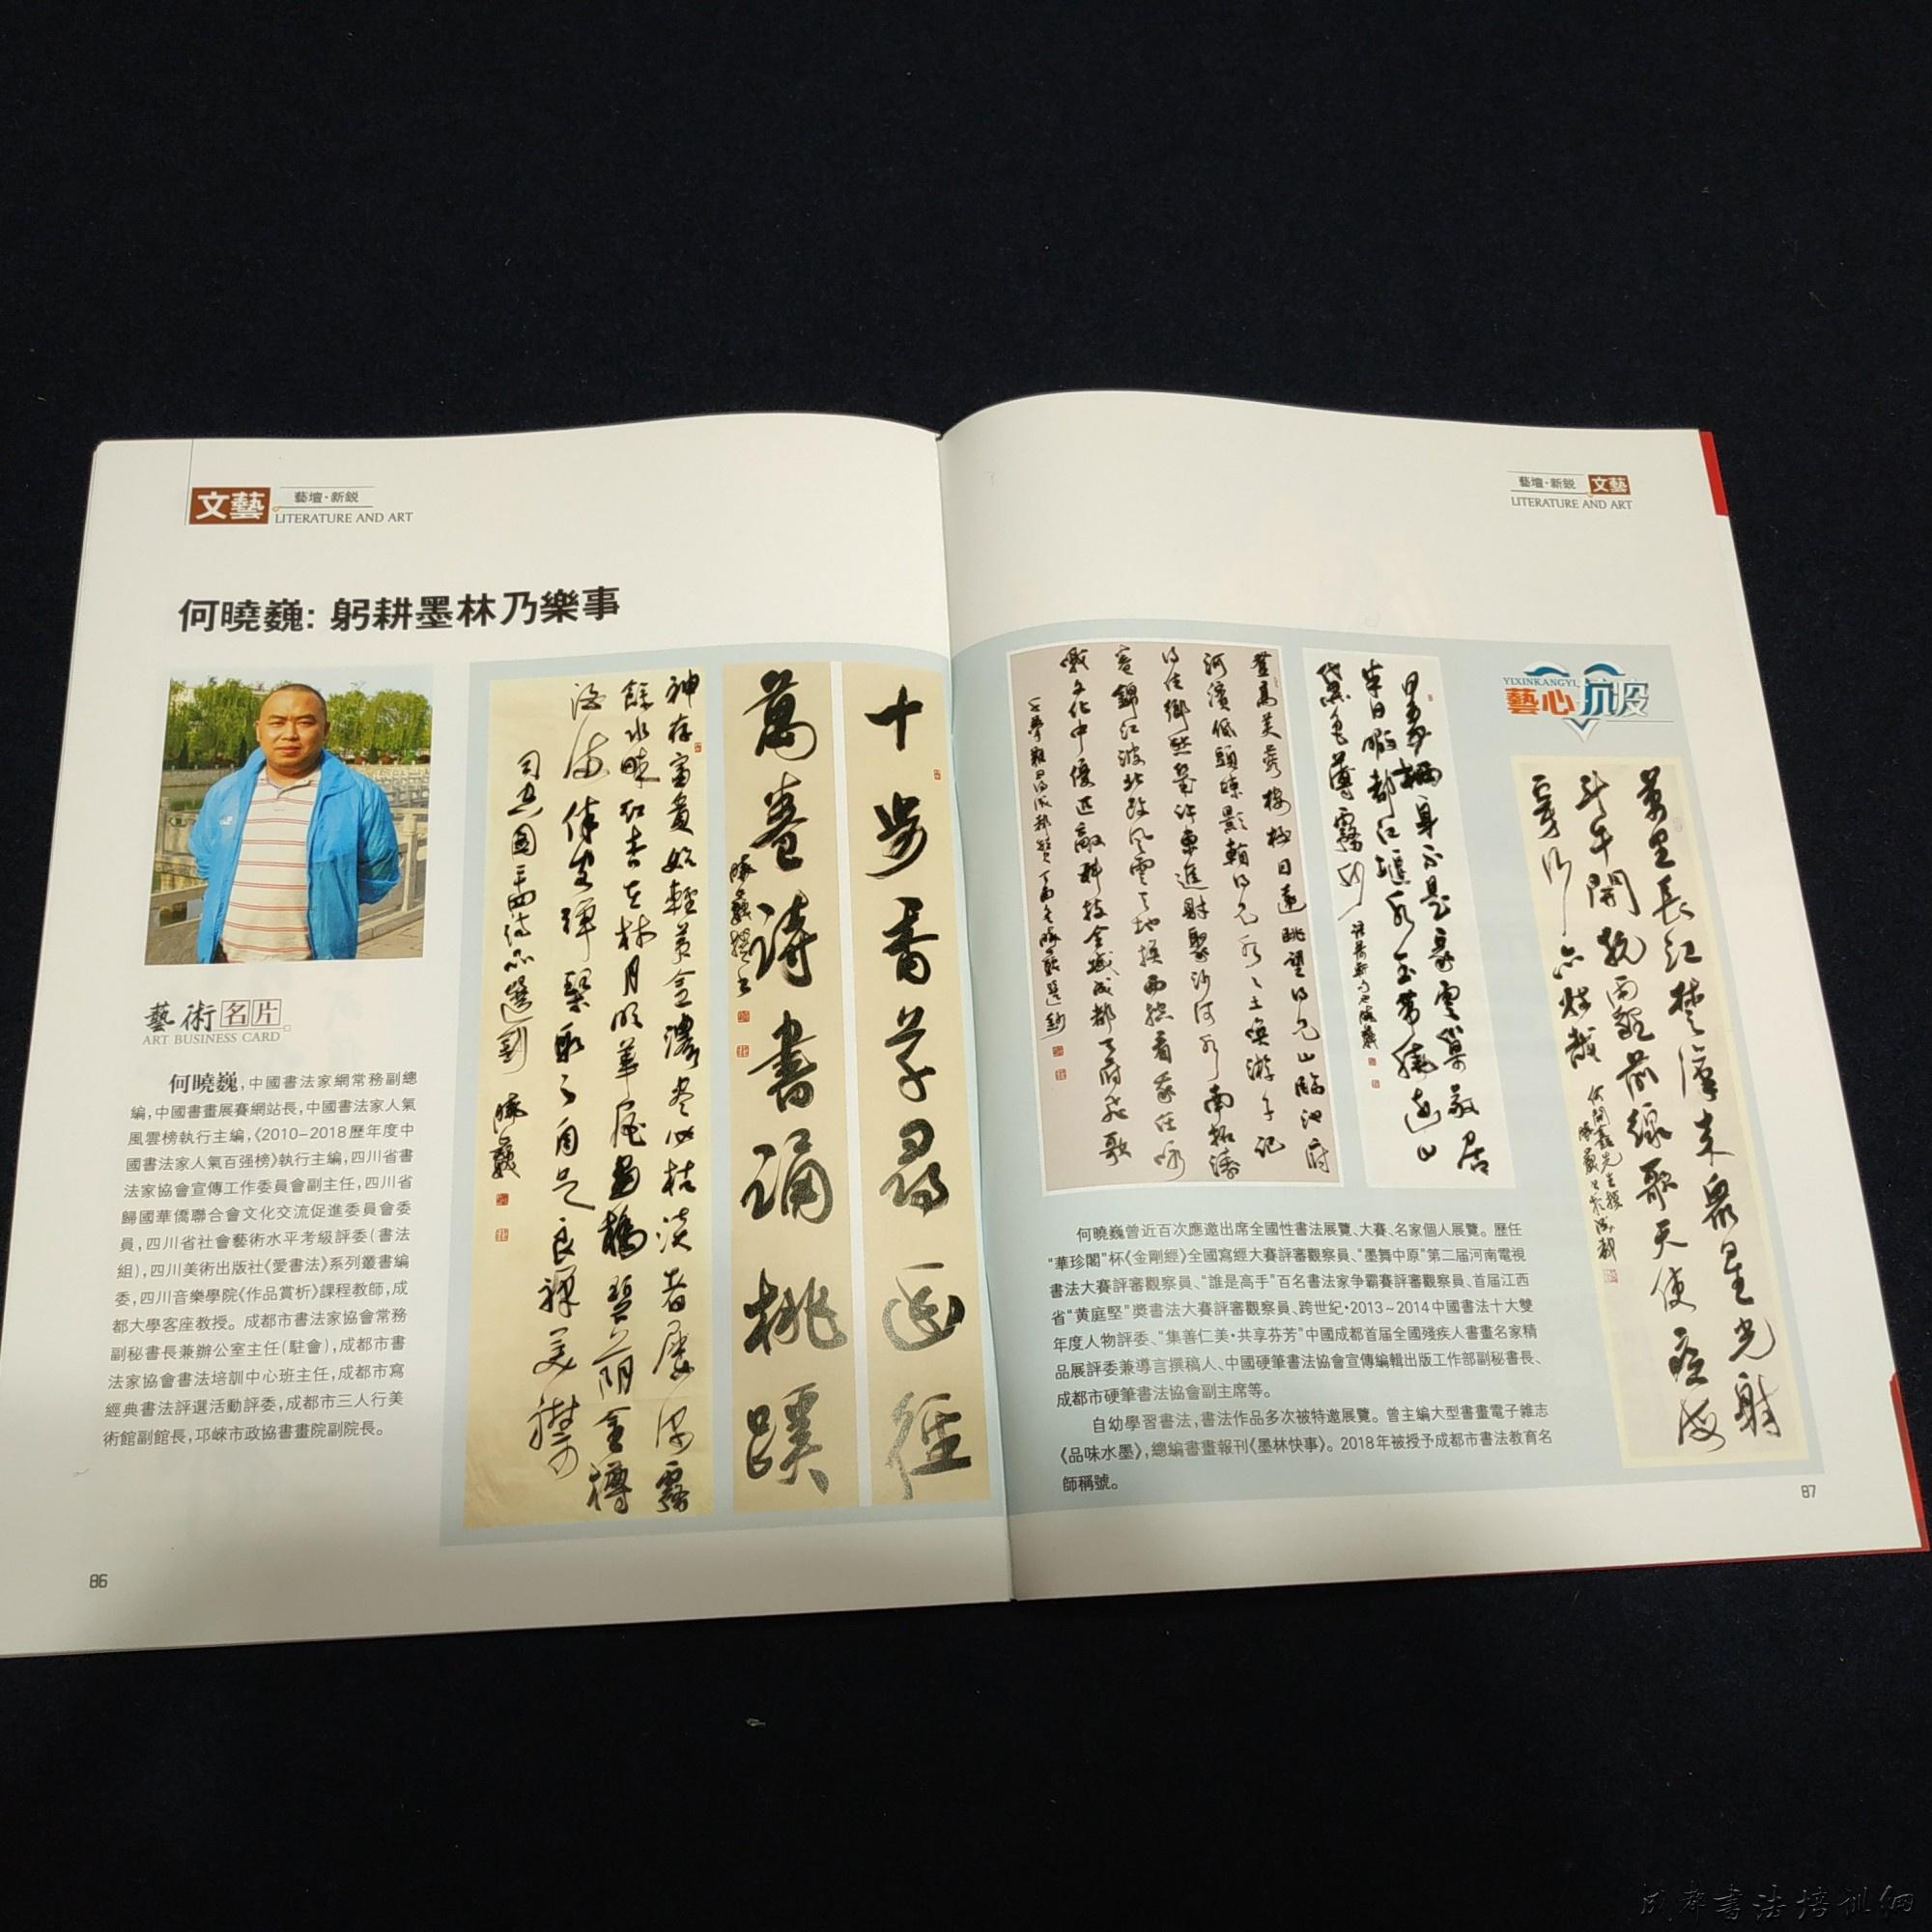 何晓巍:躬耕墨林乃乐事 《香港文联》杂志专题报道 –